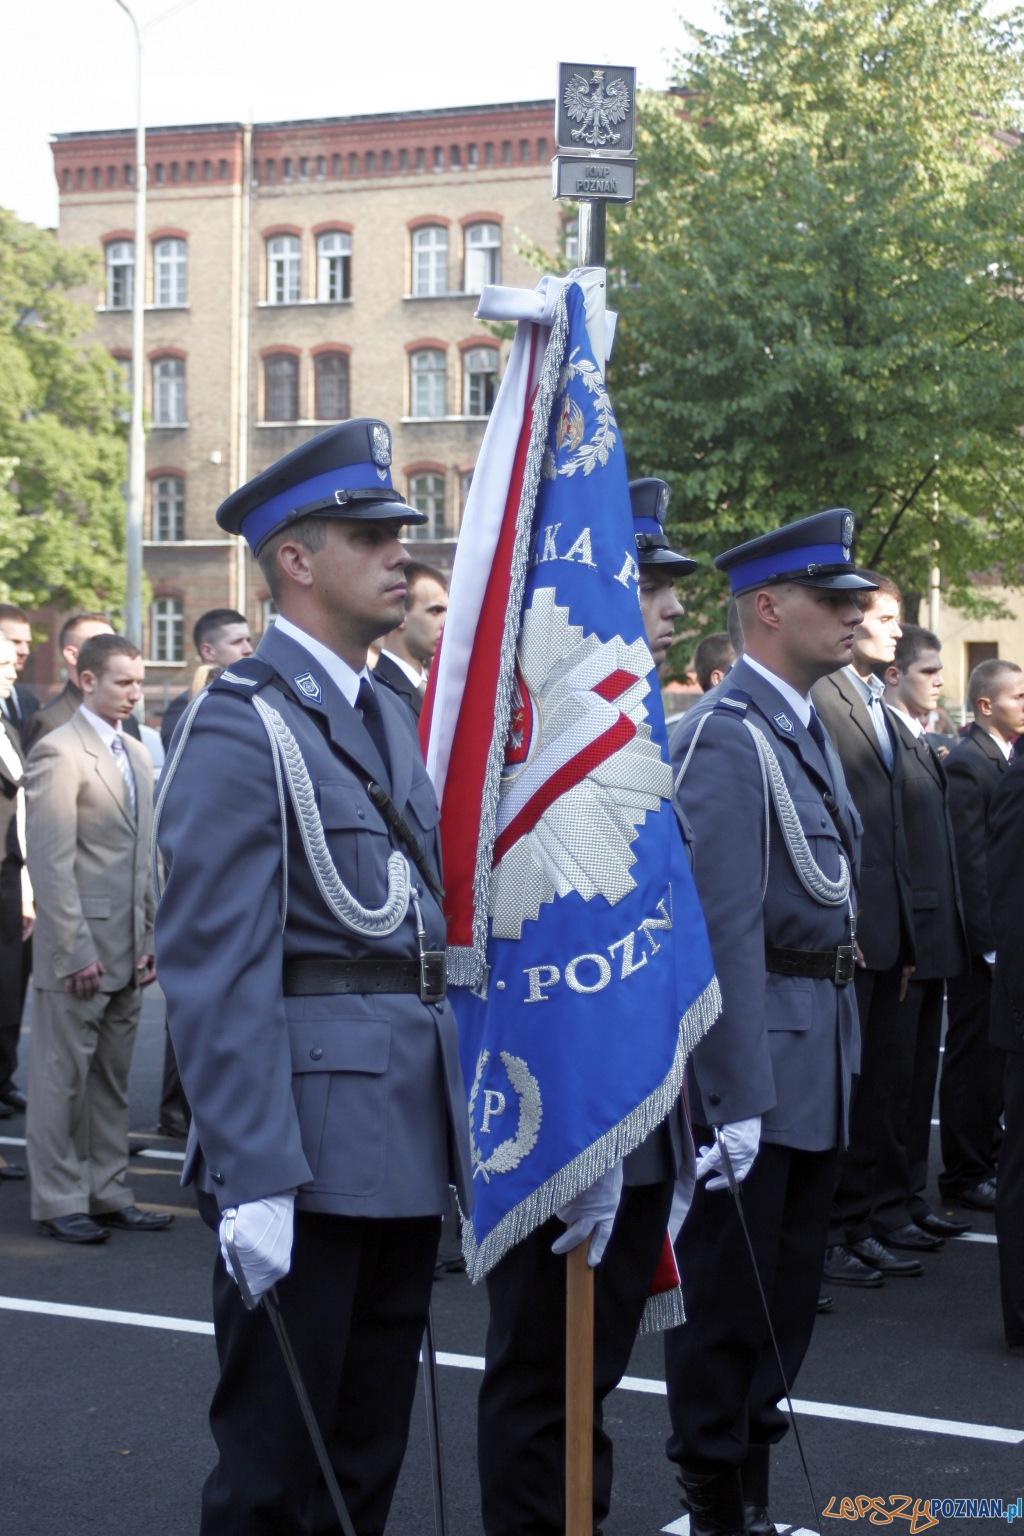 Ślubowanie nowych policjantów - Poznań 09.08.2010 r.  Foto: Paweł Rychter